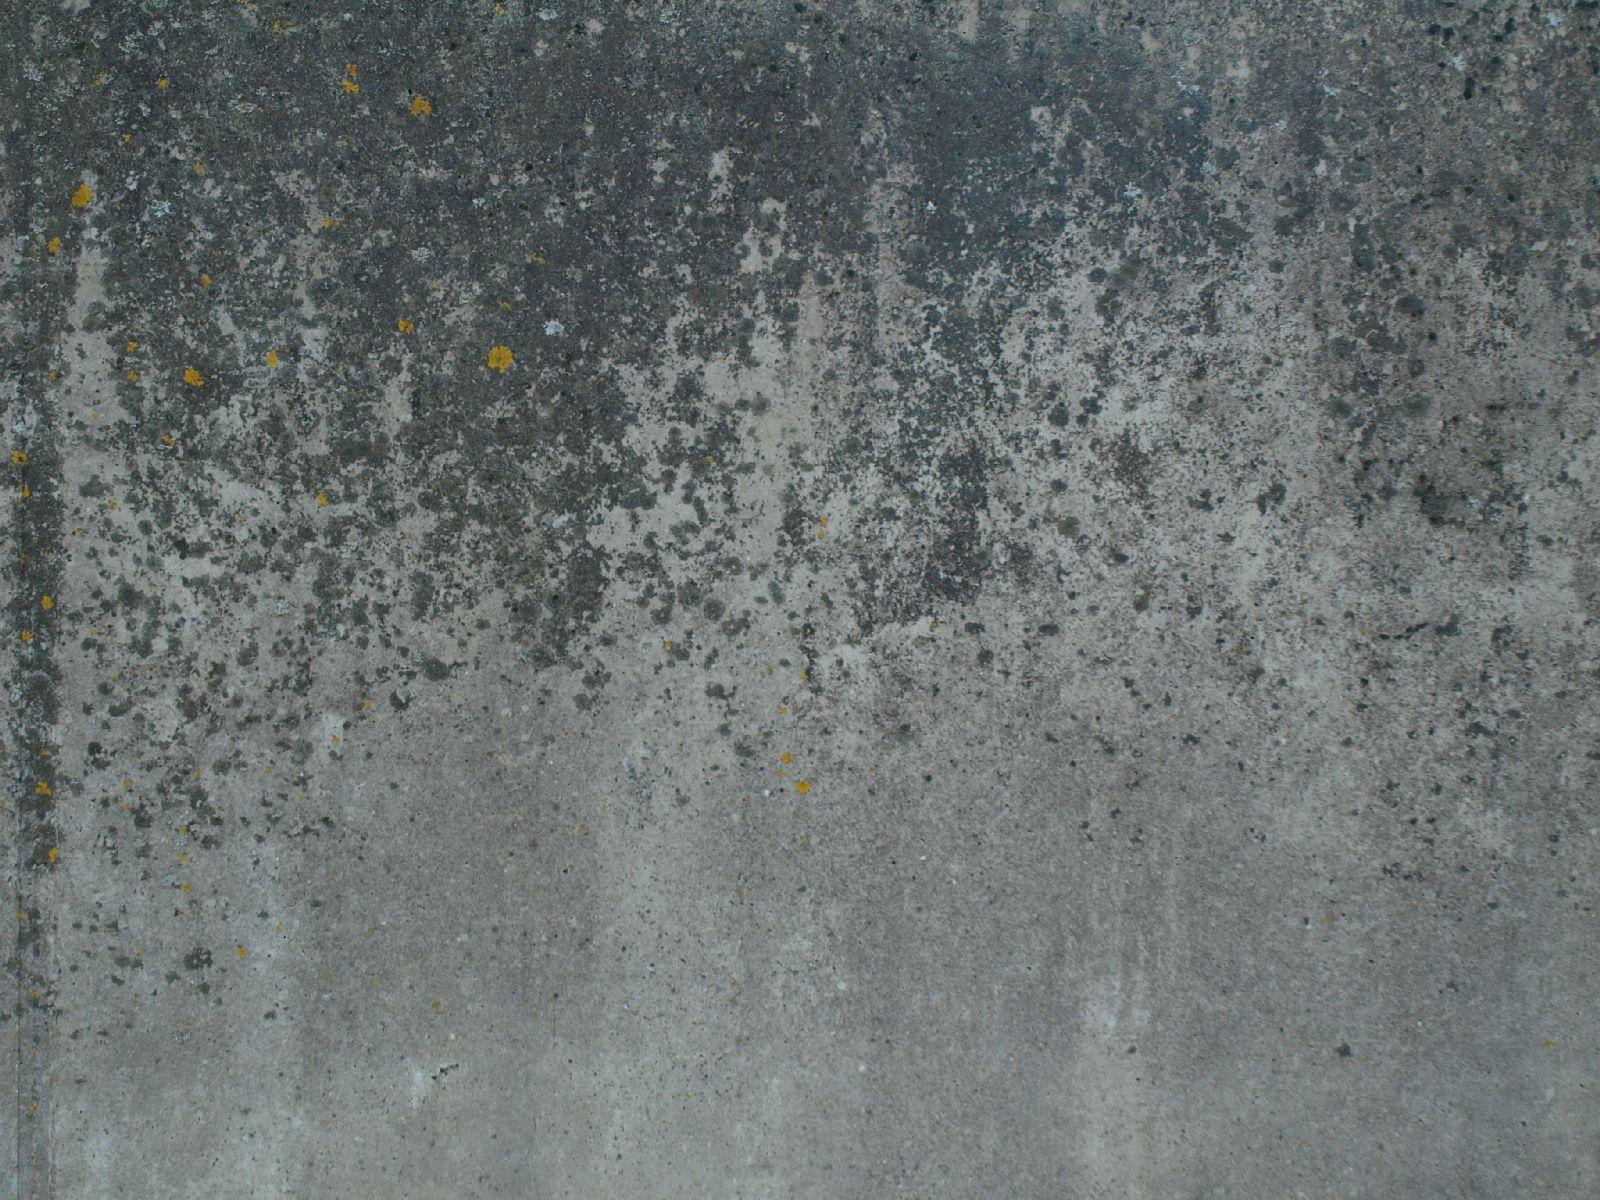 Grunge-Dreck_Textur_A_P1109019